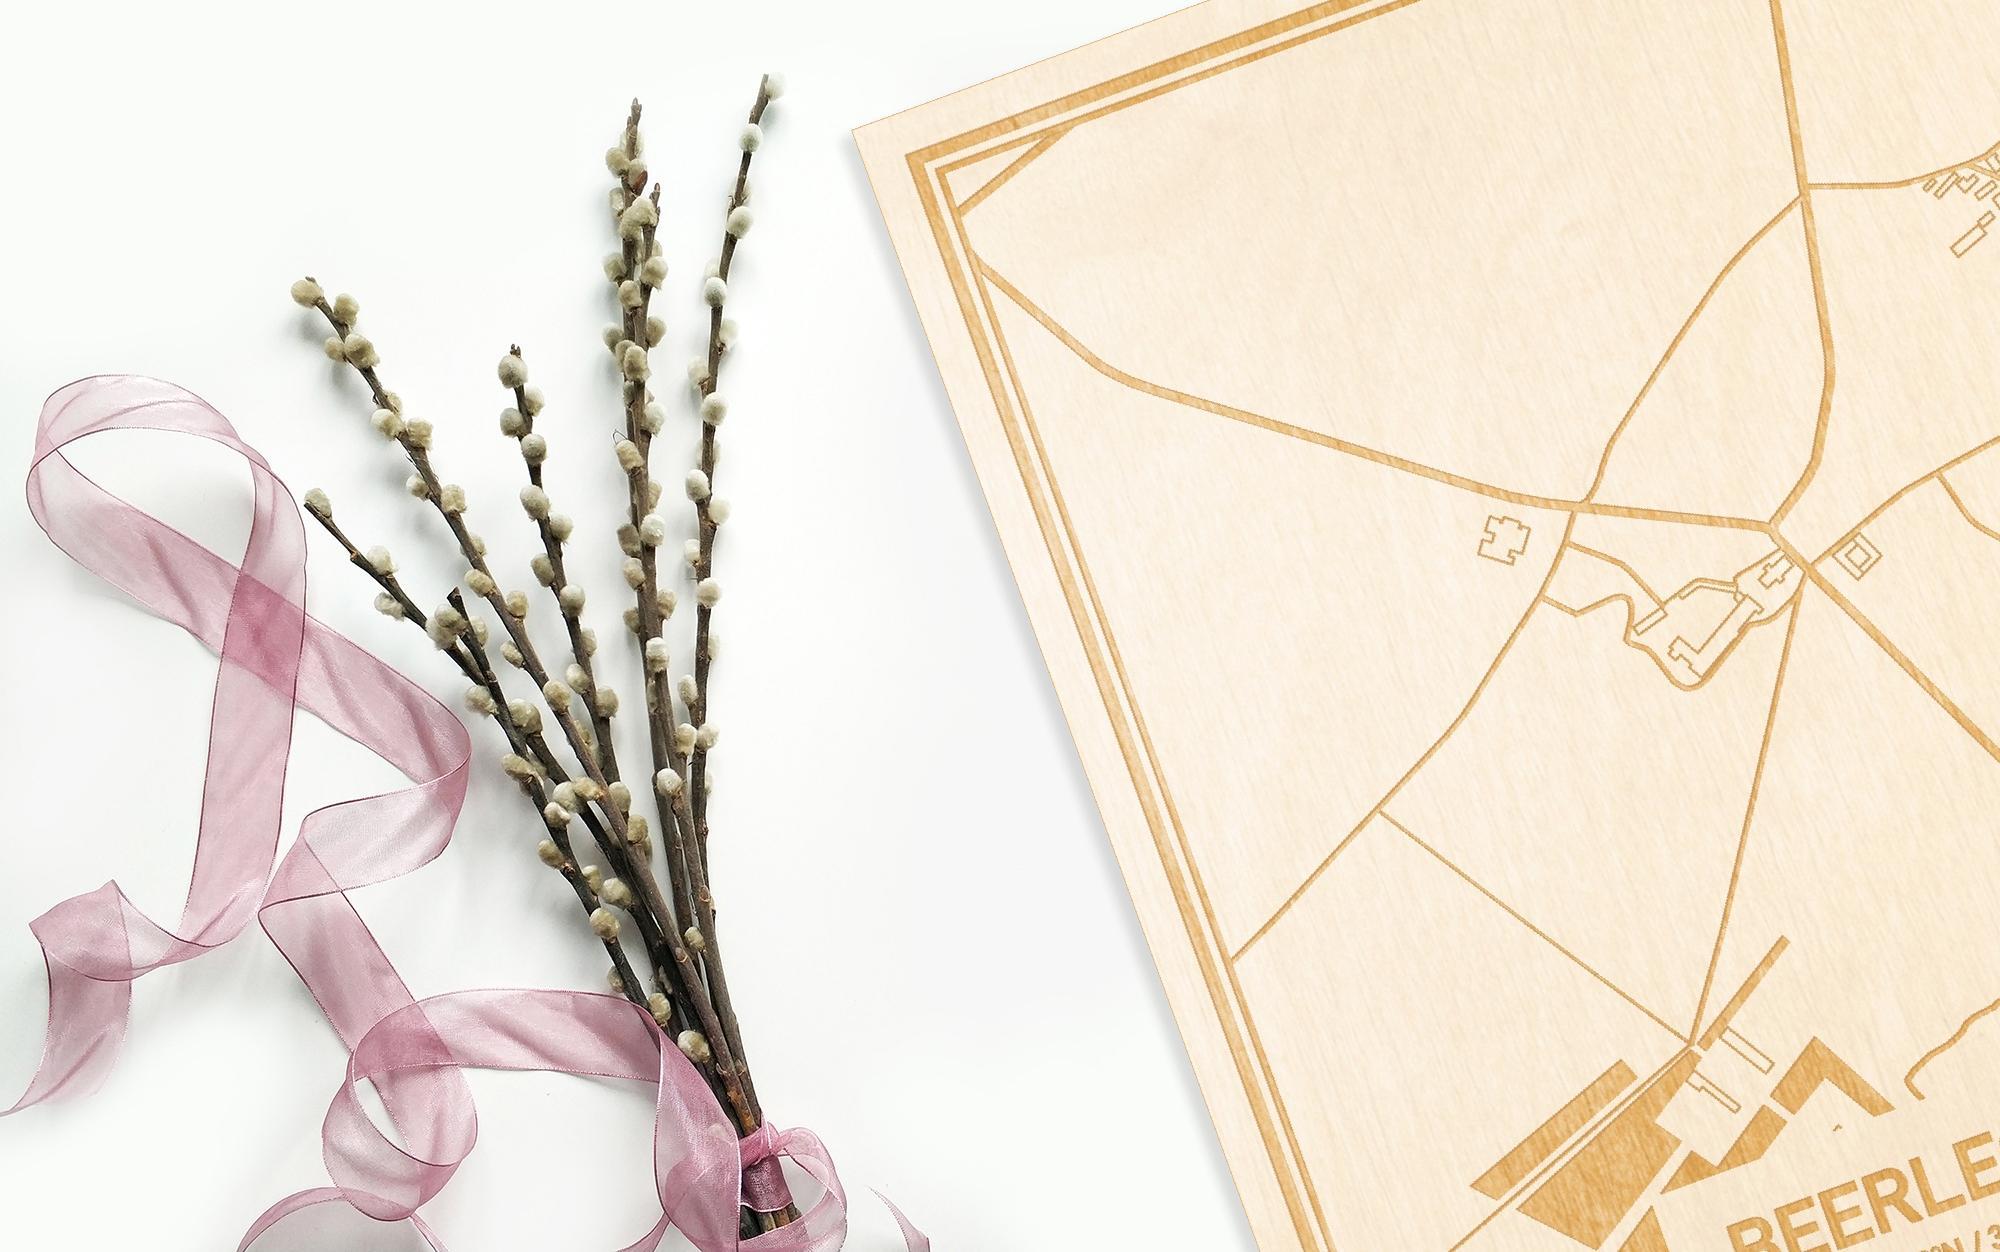 Hier ligt de houten plattegrond Beerlegem naast een bloemetje als gepersonaliseerd cadeau voor haar.